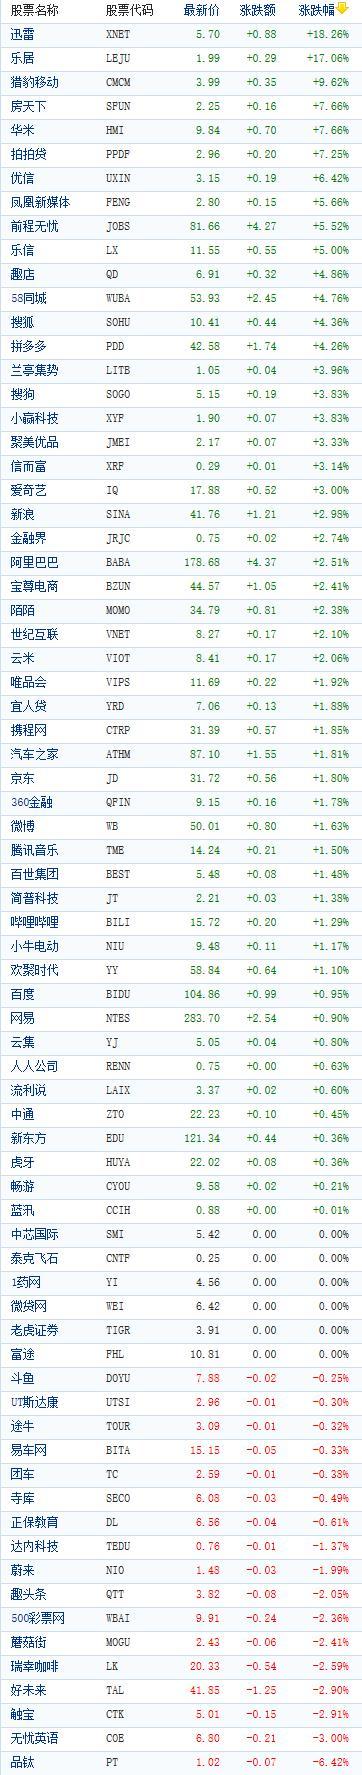 中国概念股周一收盘普遍上涨 迅